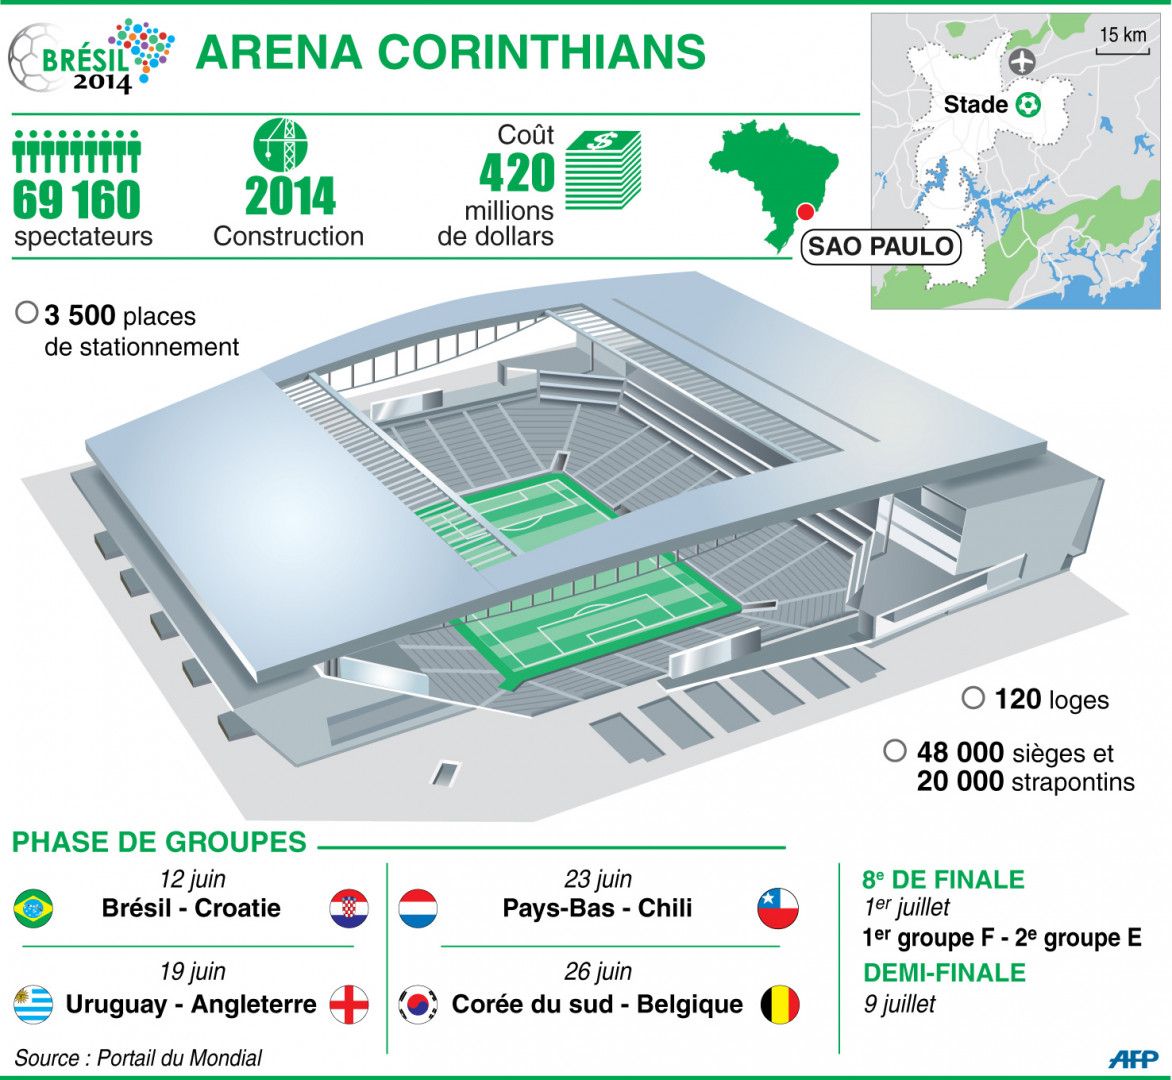 Infographie : l'Arena Corinthians à Sao Paulo